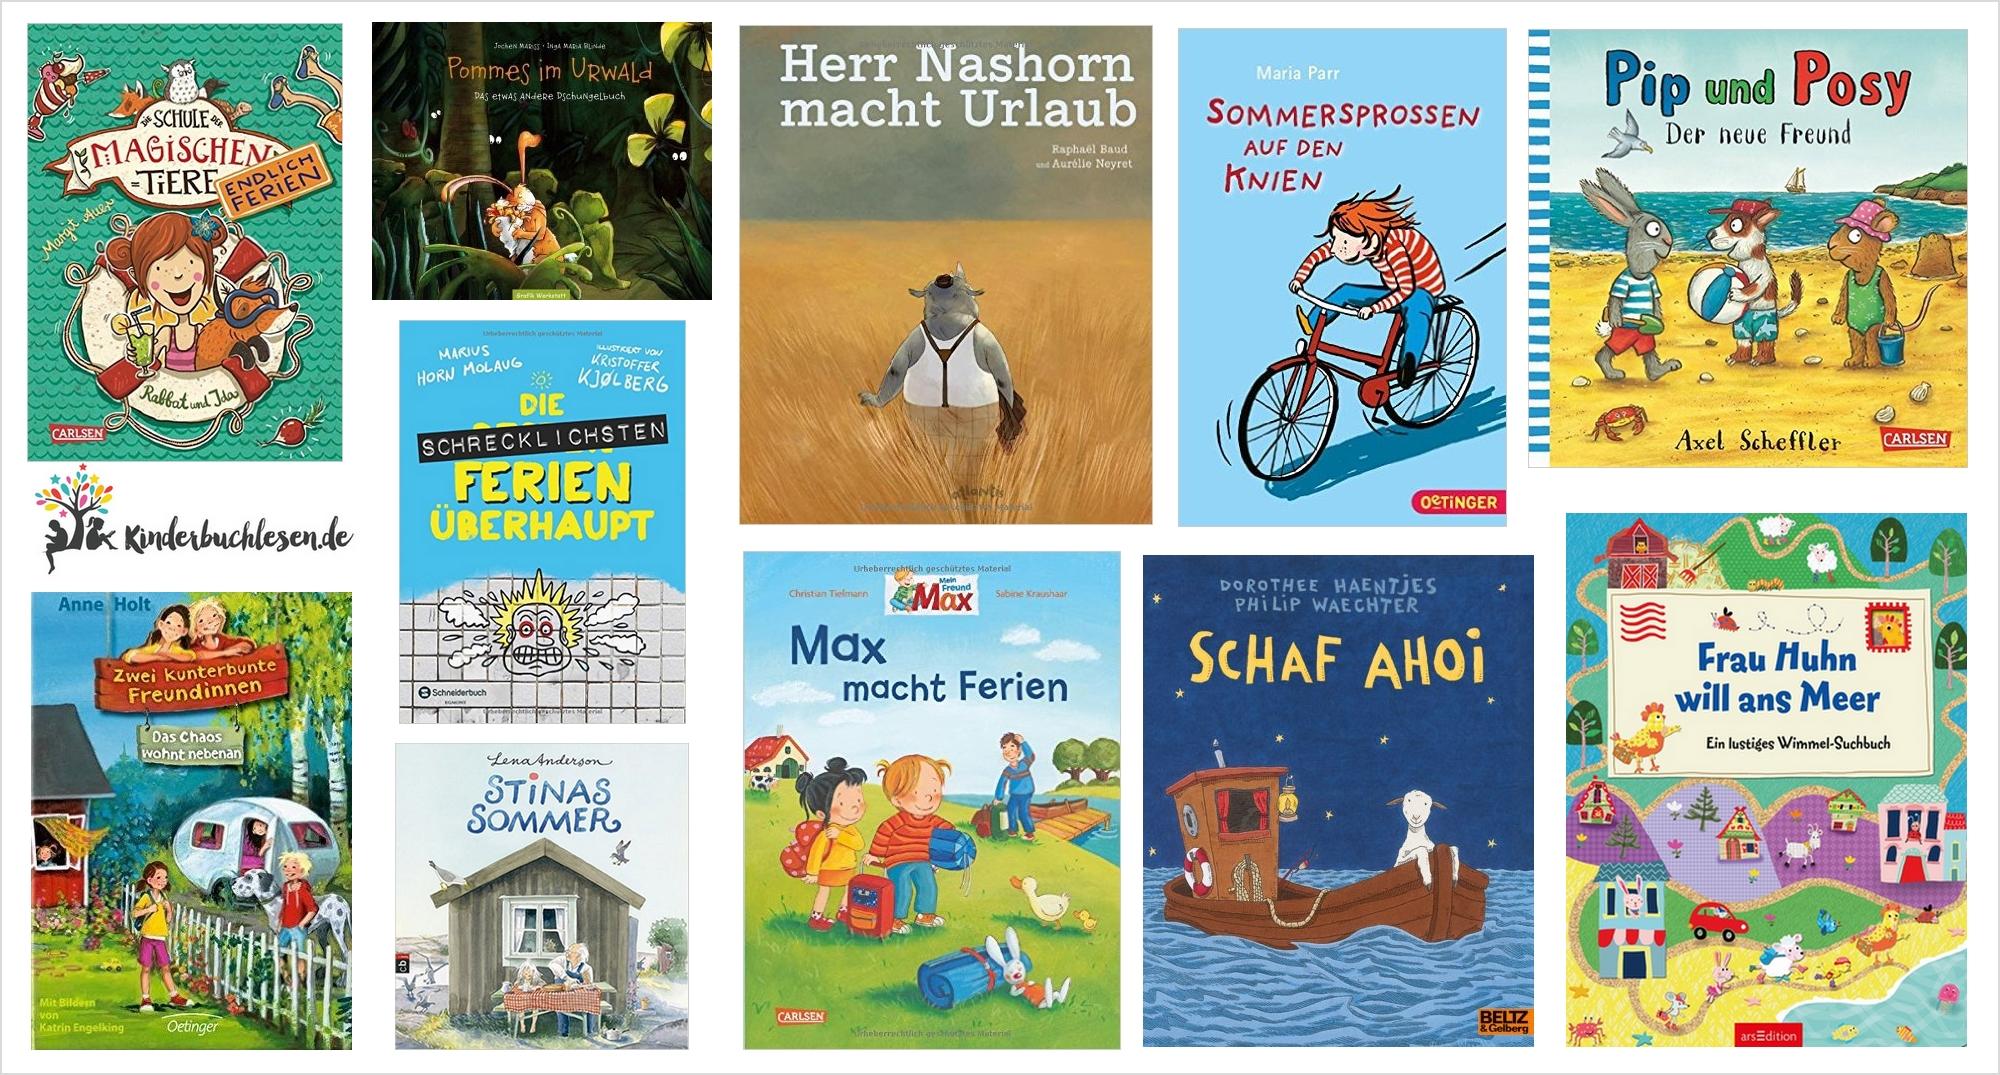 Urlaubslektüre: Kinderbuchtipps für die Ferien